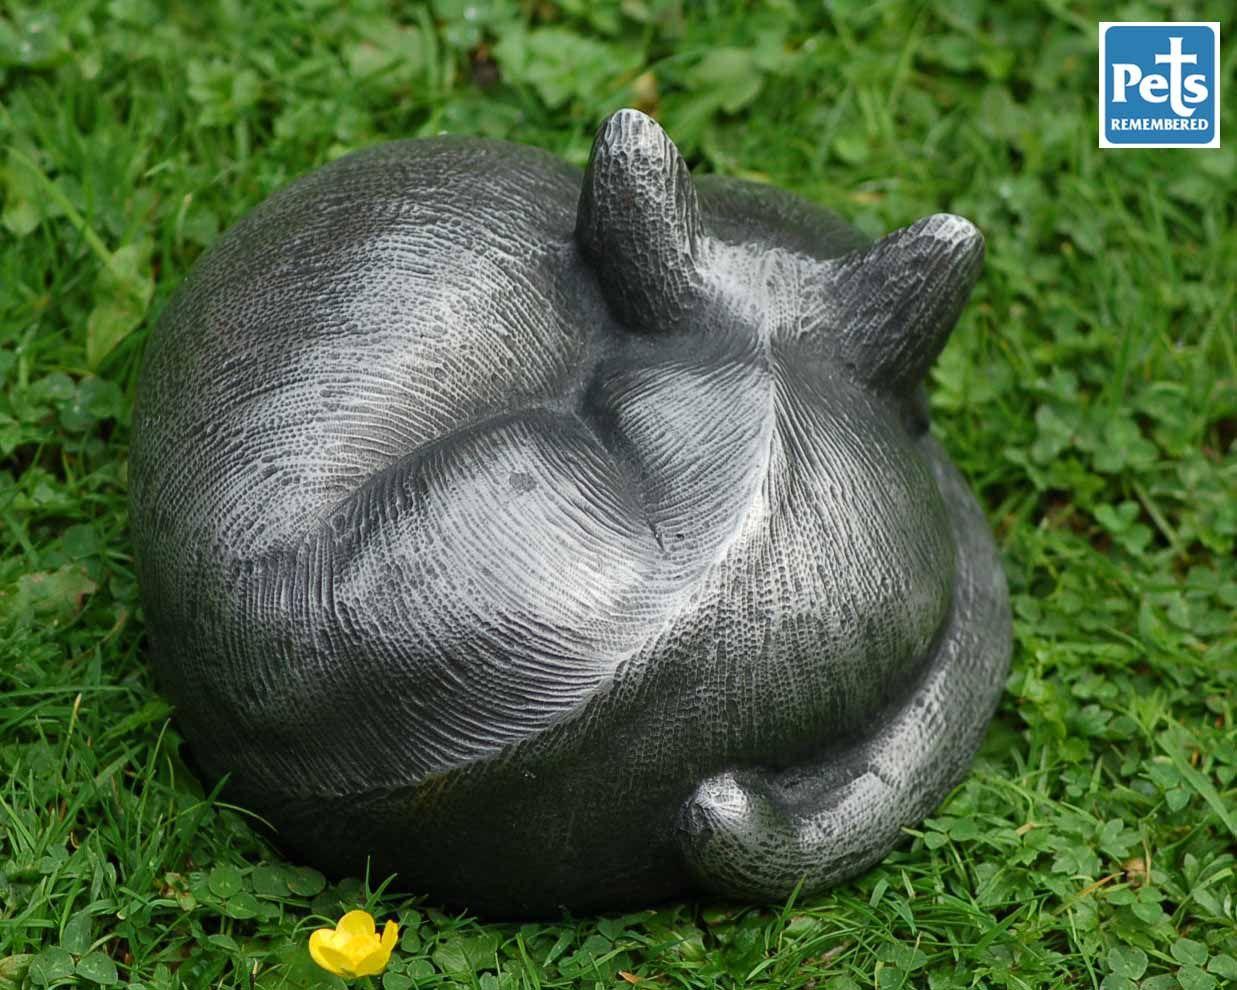 'At Peace' Cat Casket (With images) Pet memorial plaque